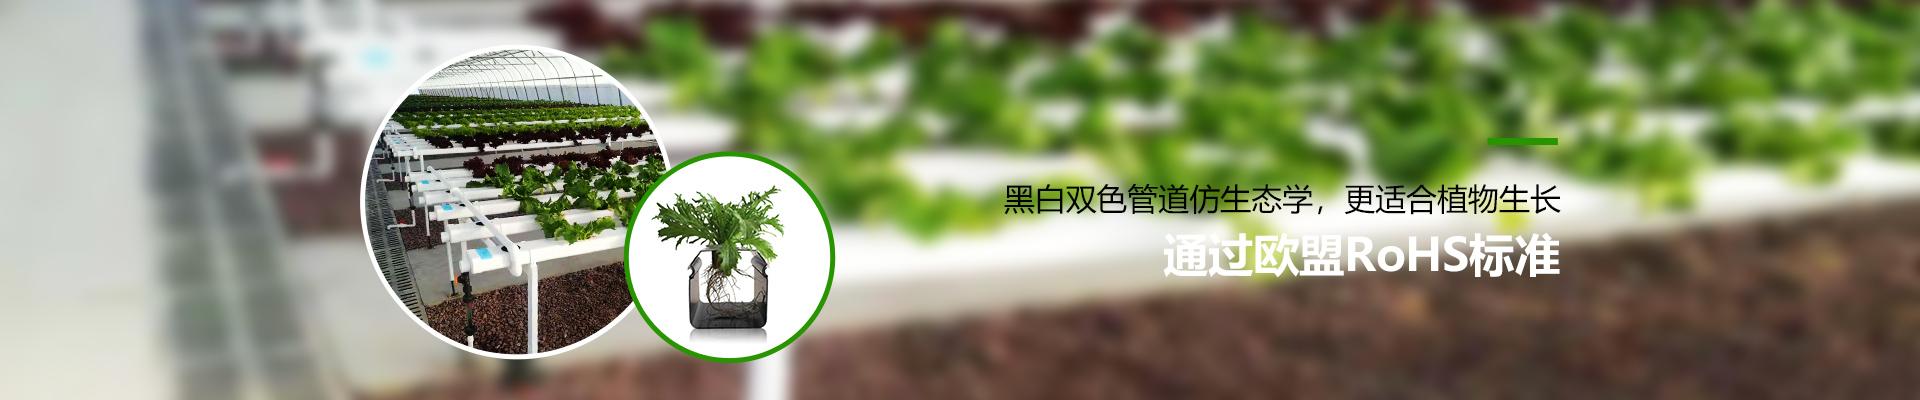 无土栽培管道-黑白双色管道仿生态学,更适合植物生长